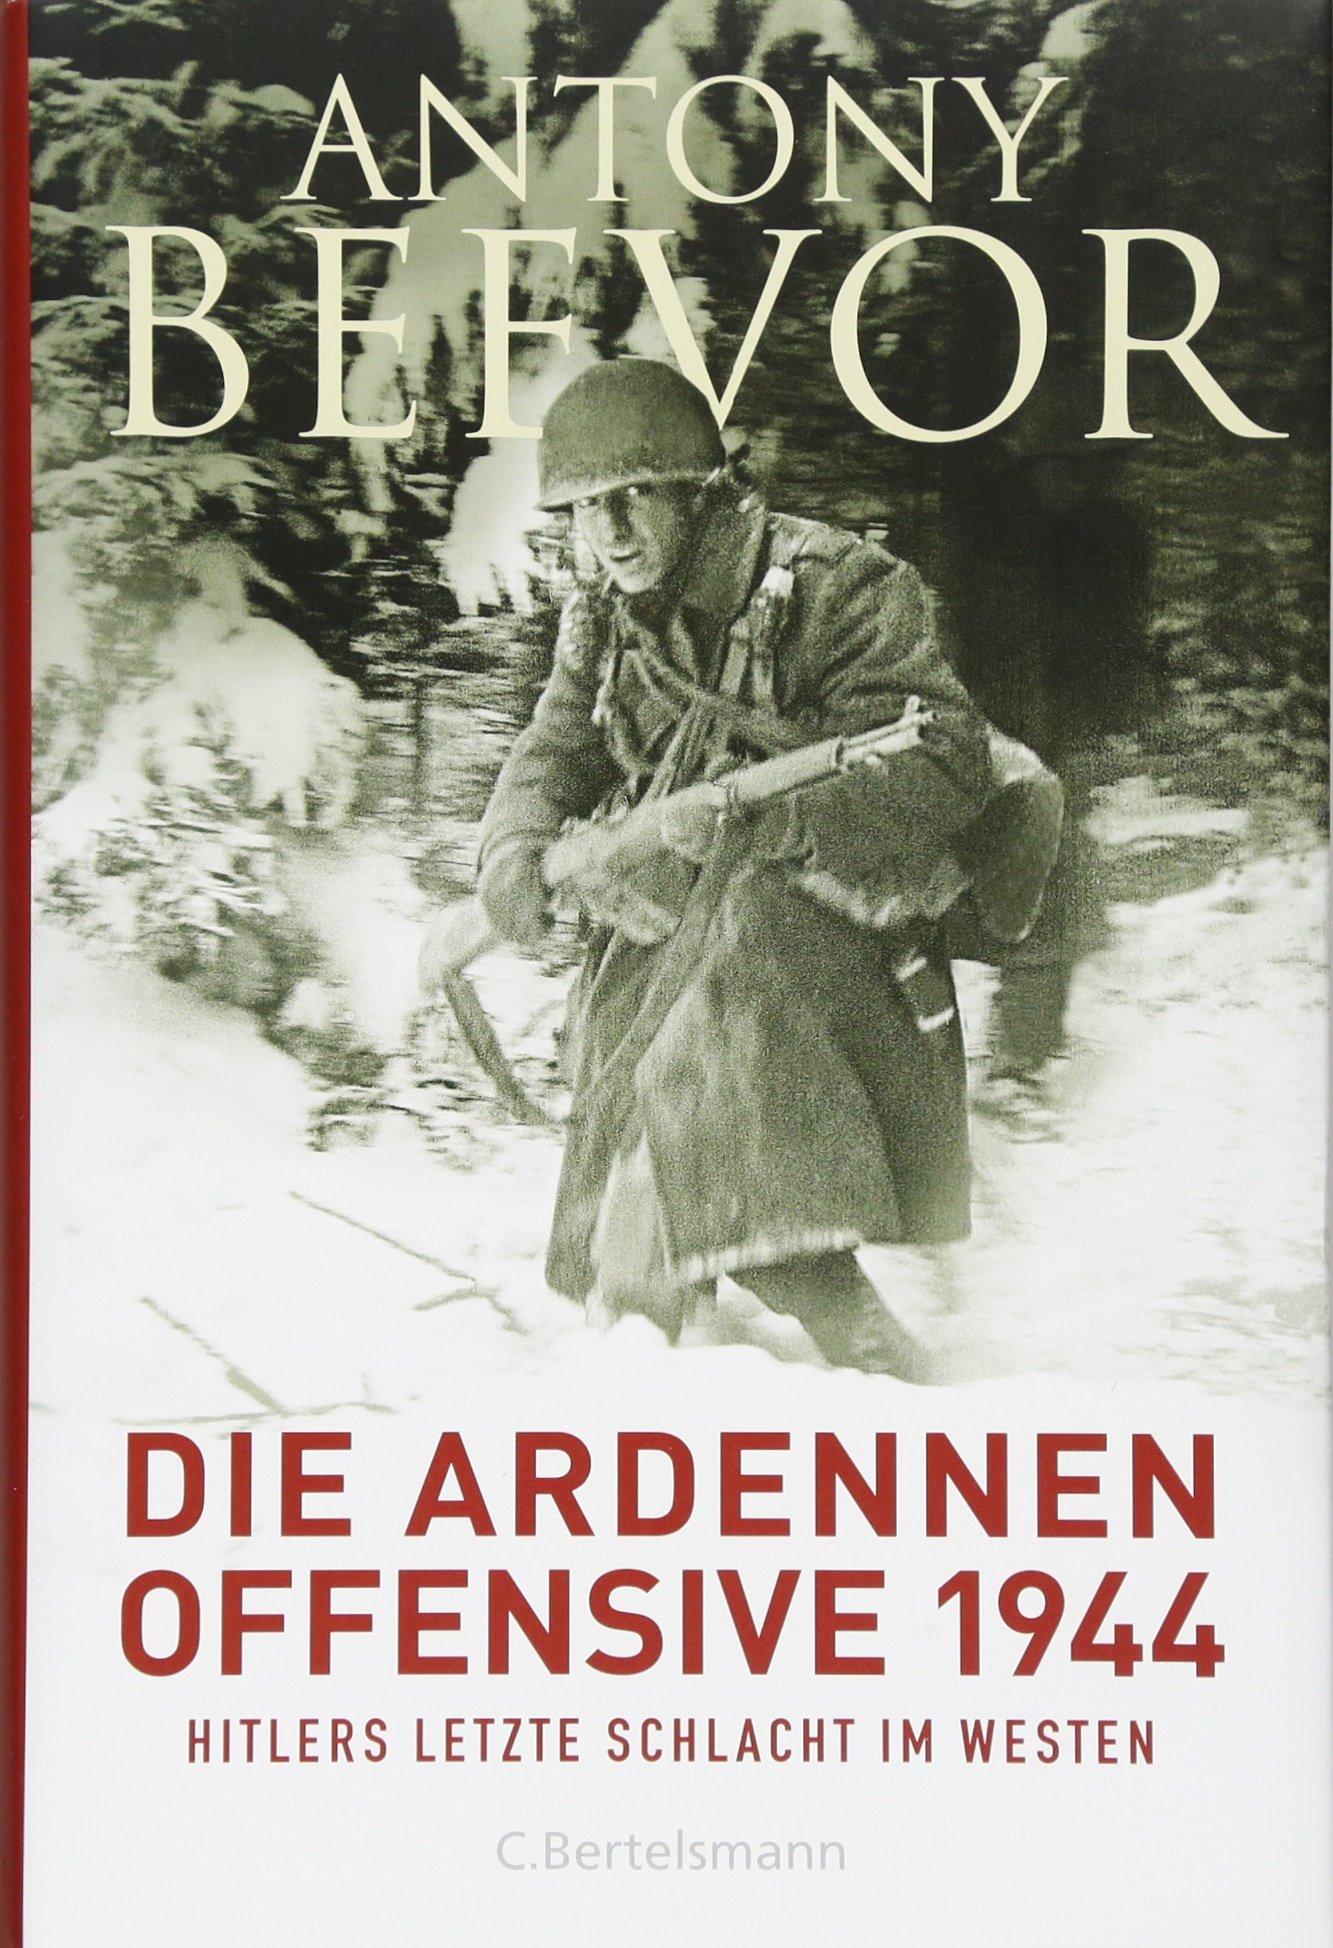 DIE ARDENNEN OFFENSIVE 1944 811FMxAxQML